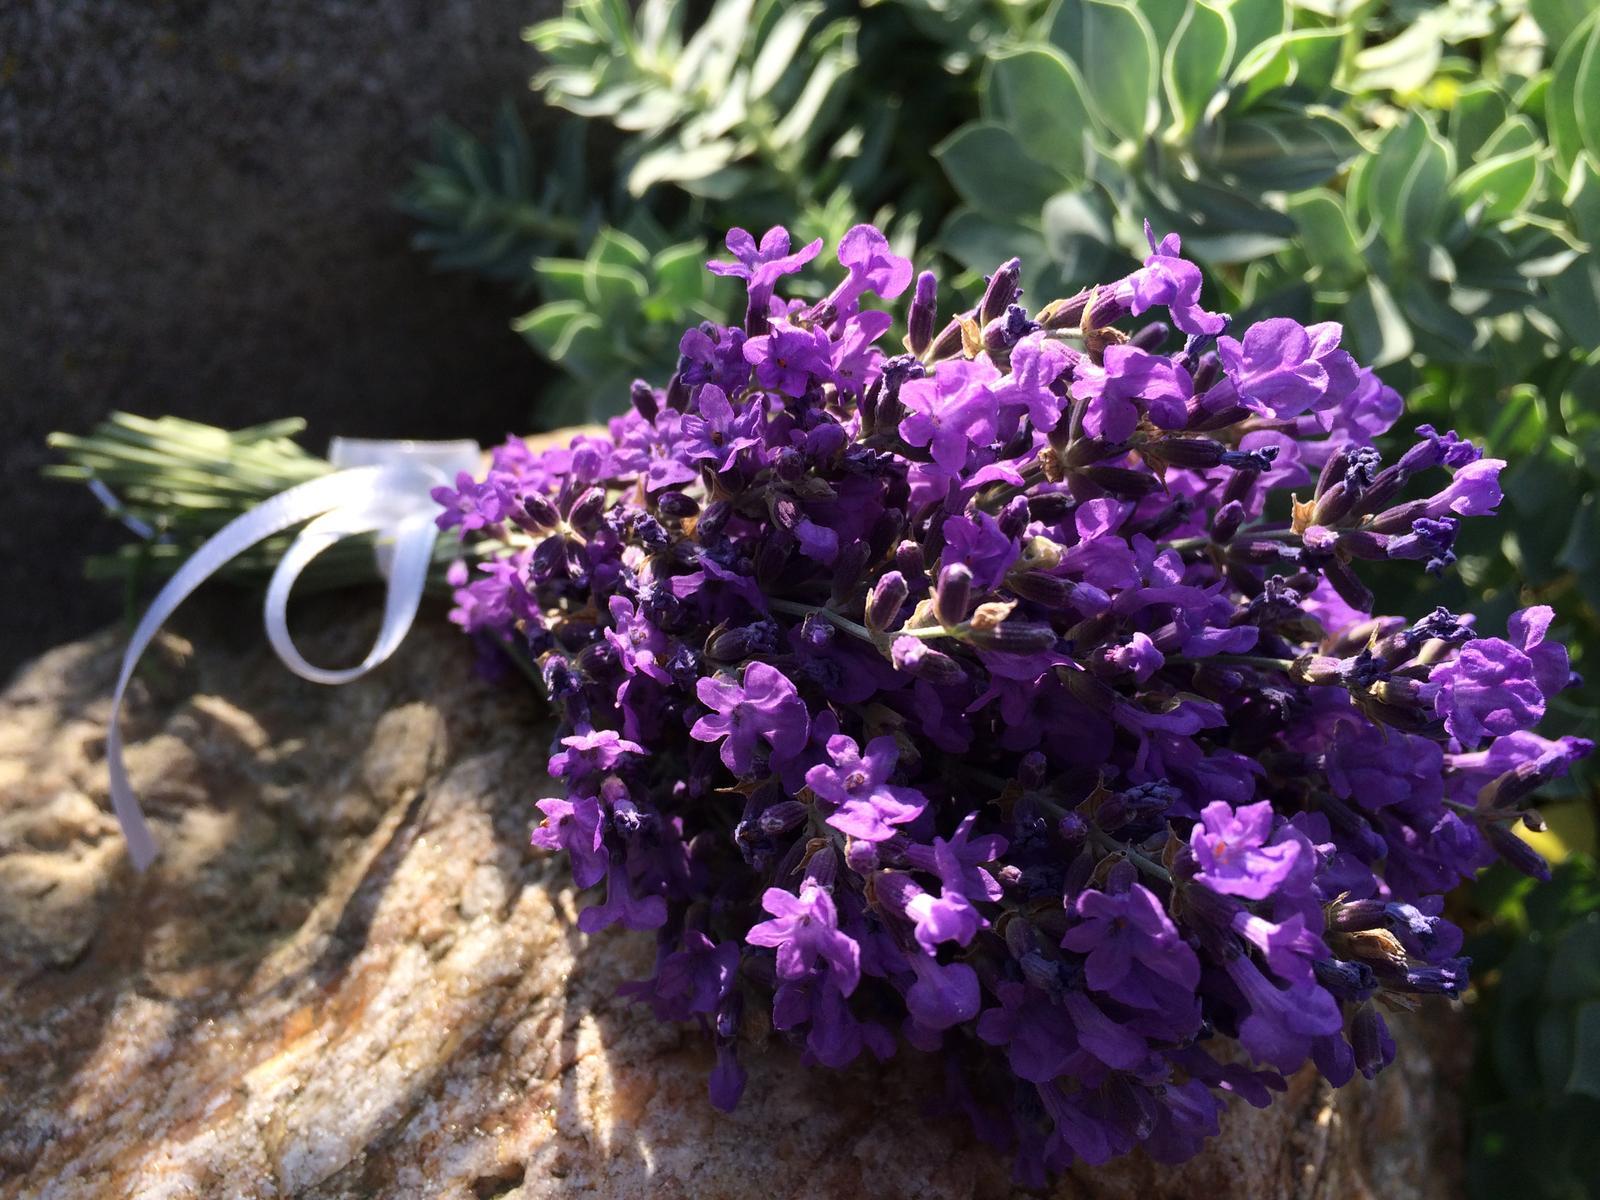 Dekorace z květin Pro radost - prostě jen levandule